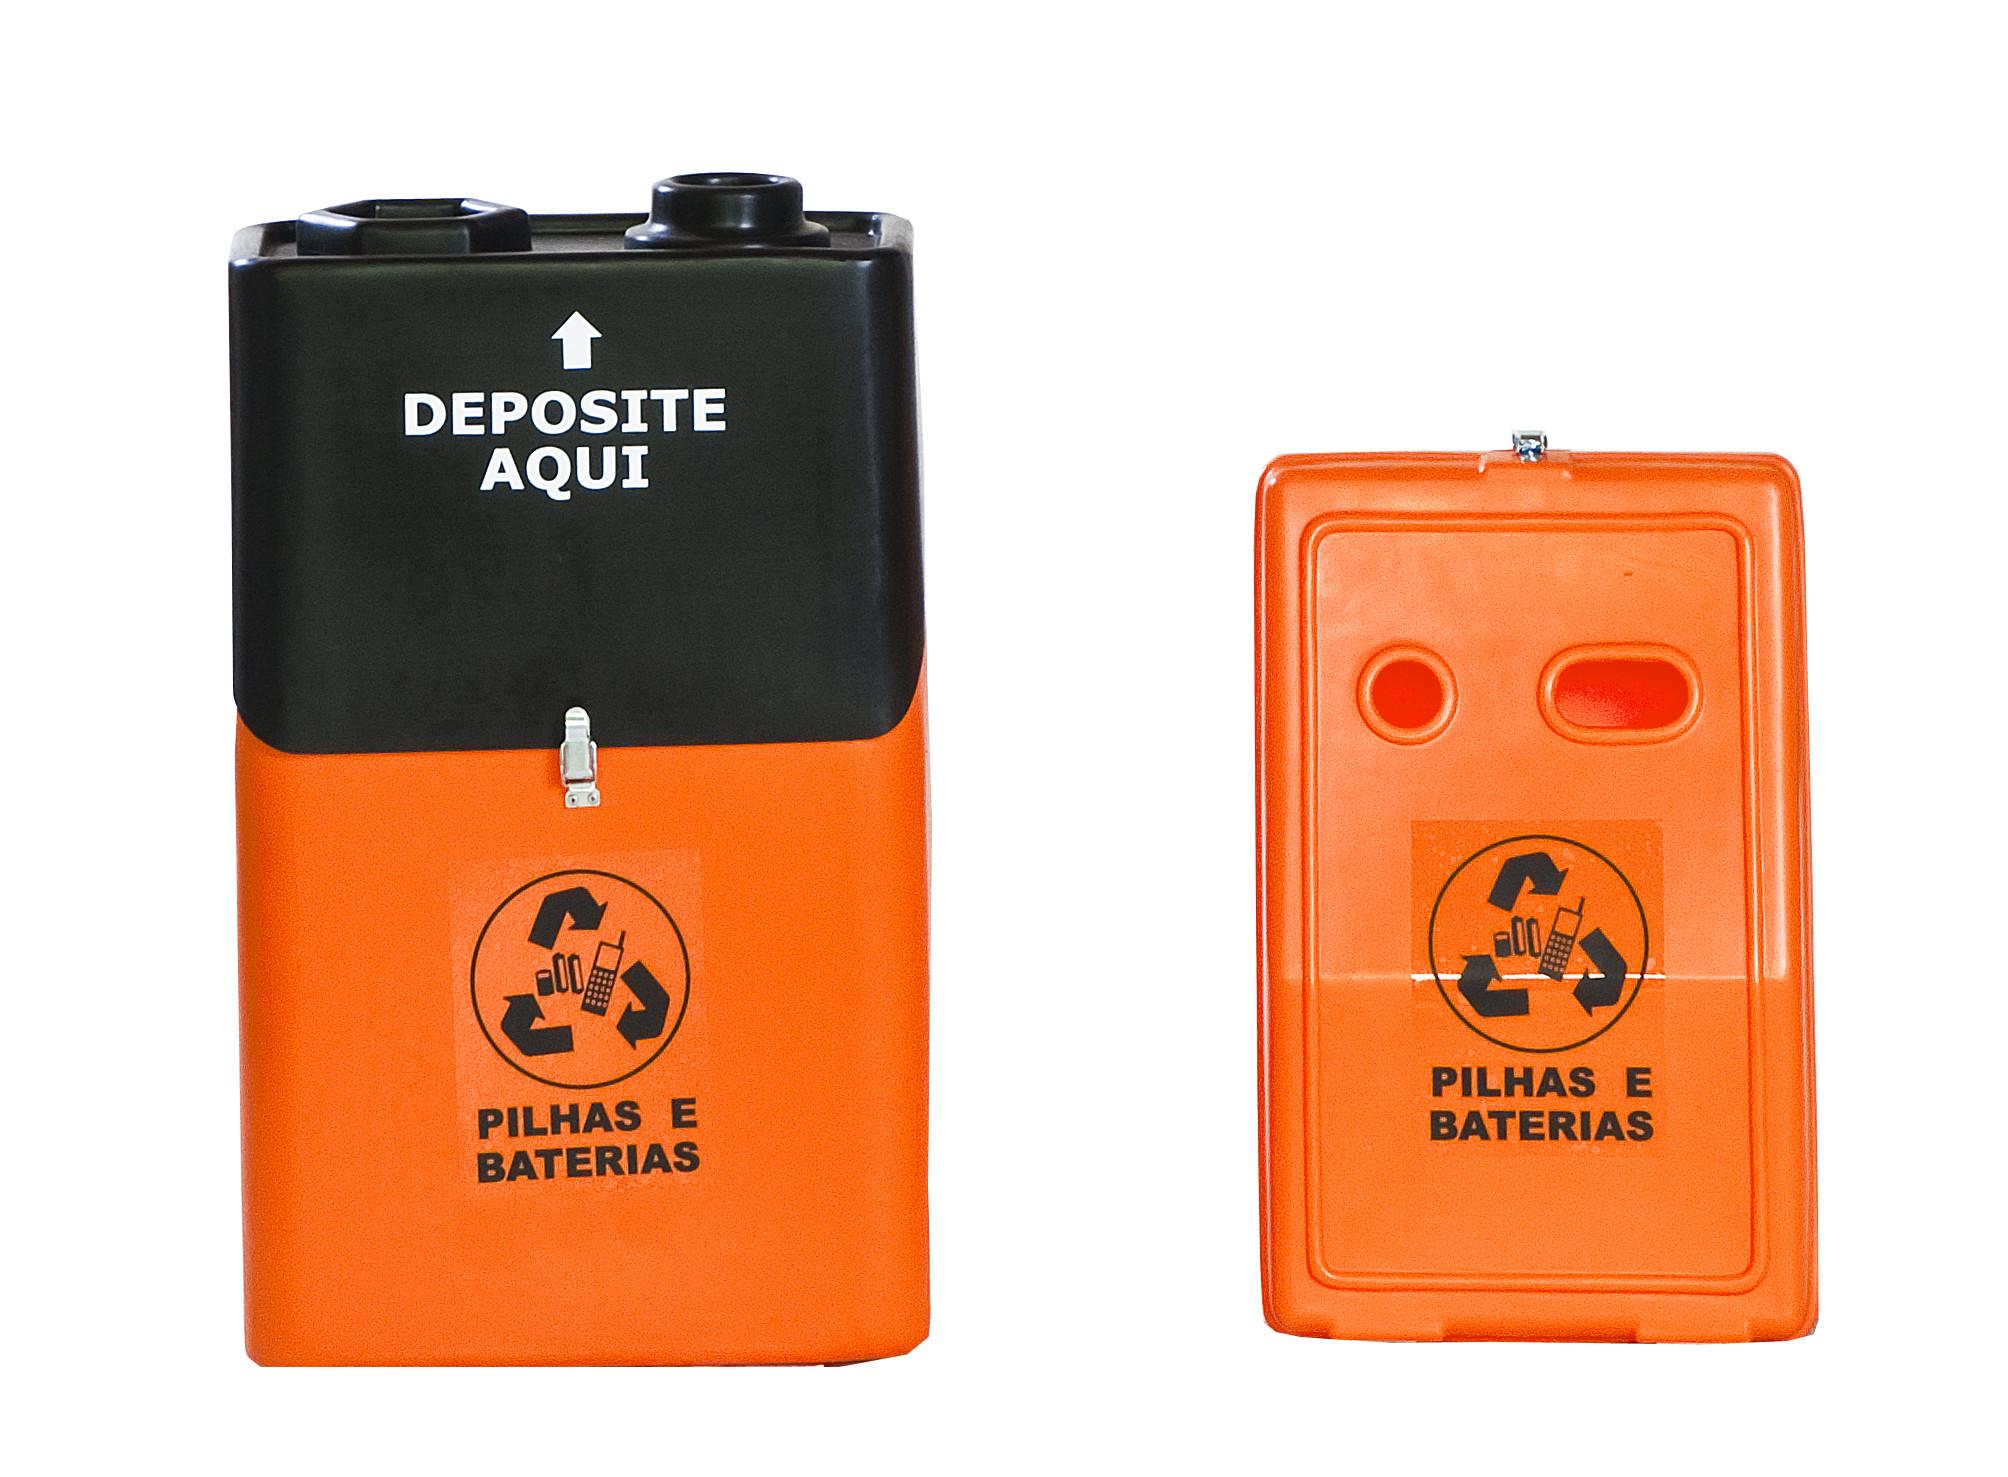 Coletor pilhas e baterias lixeira seletiva para escritorio Natural Limp